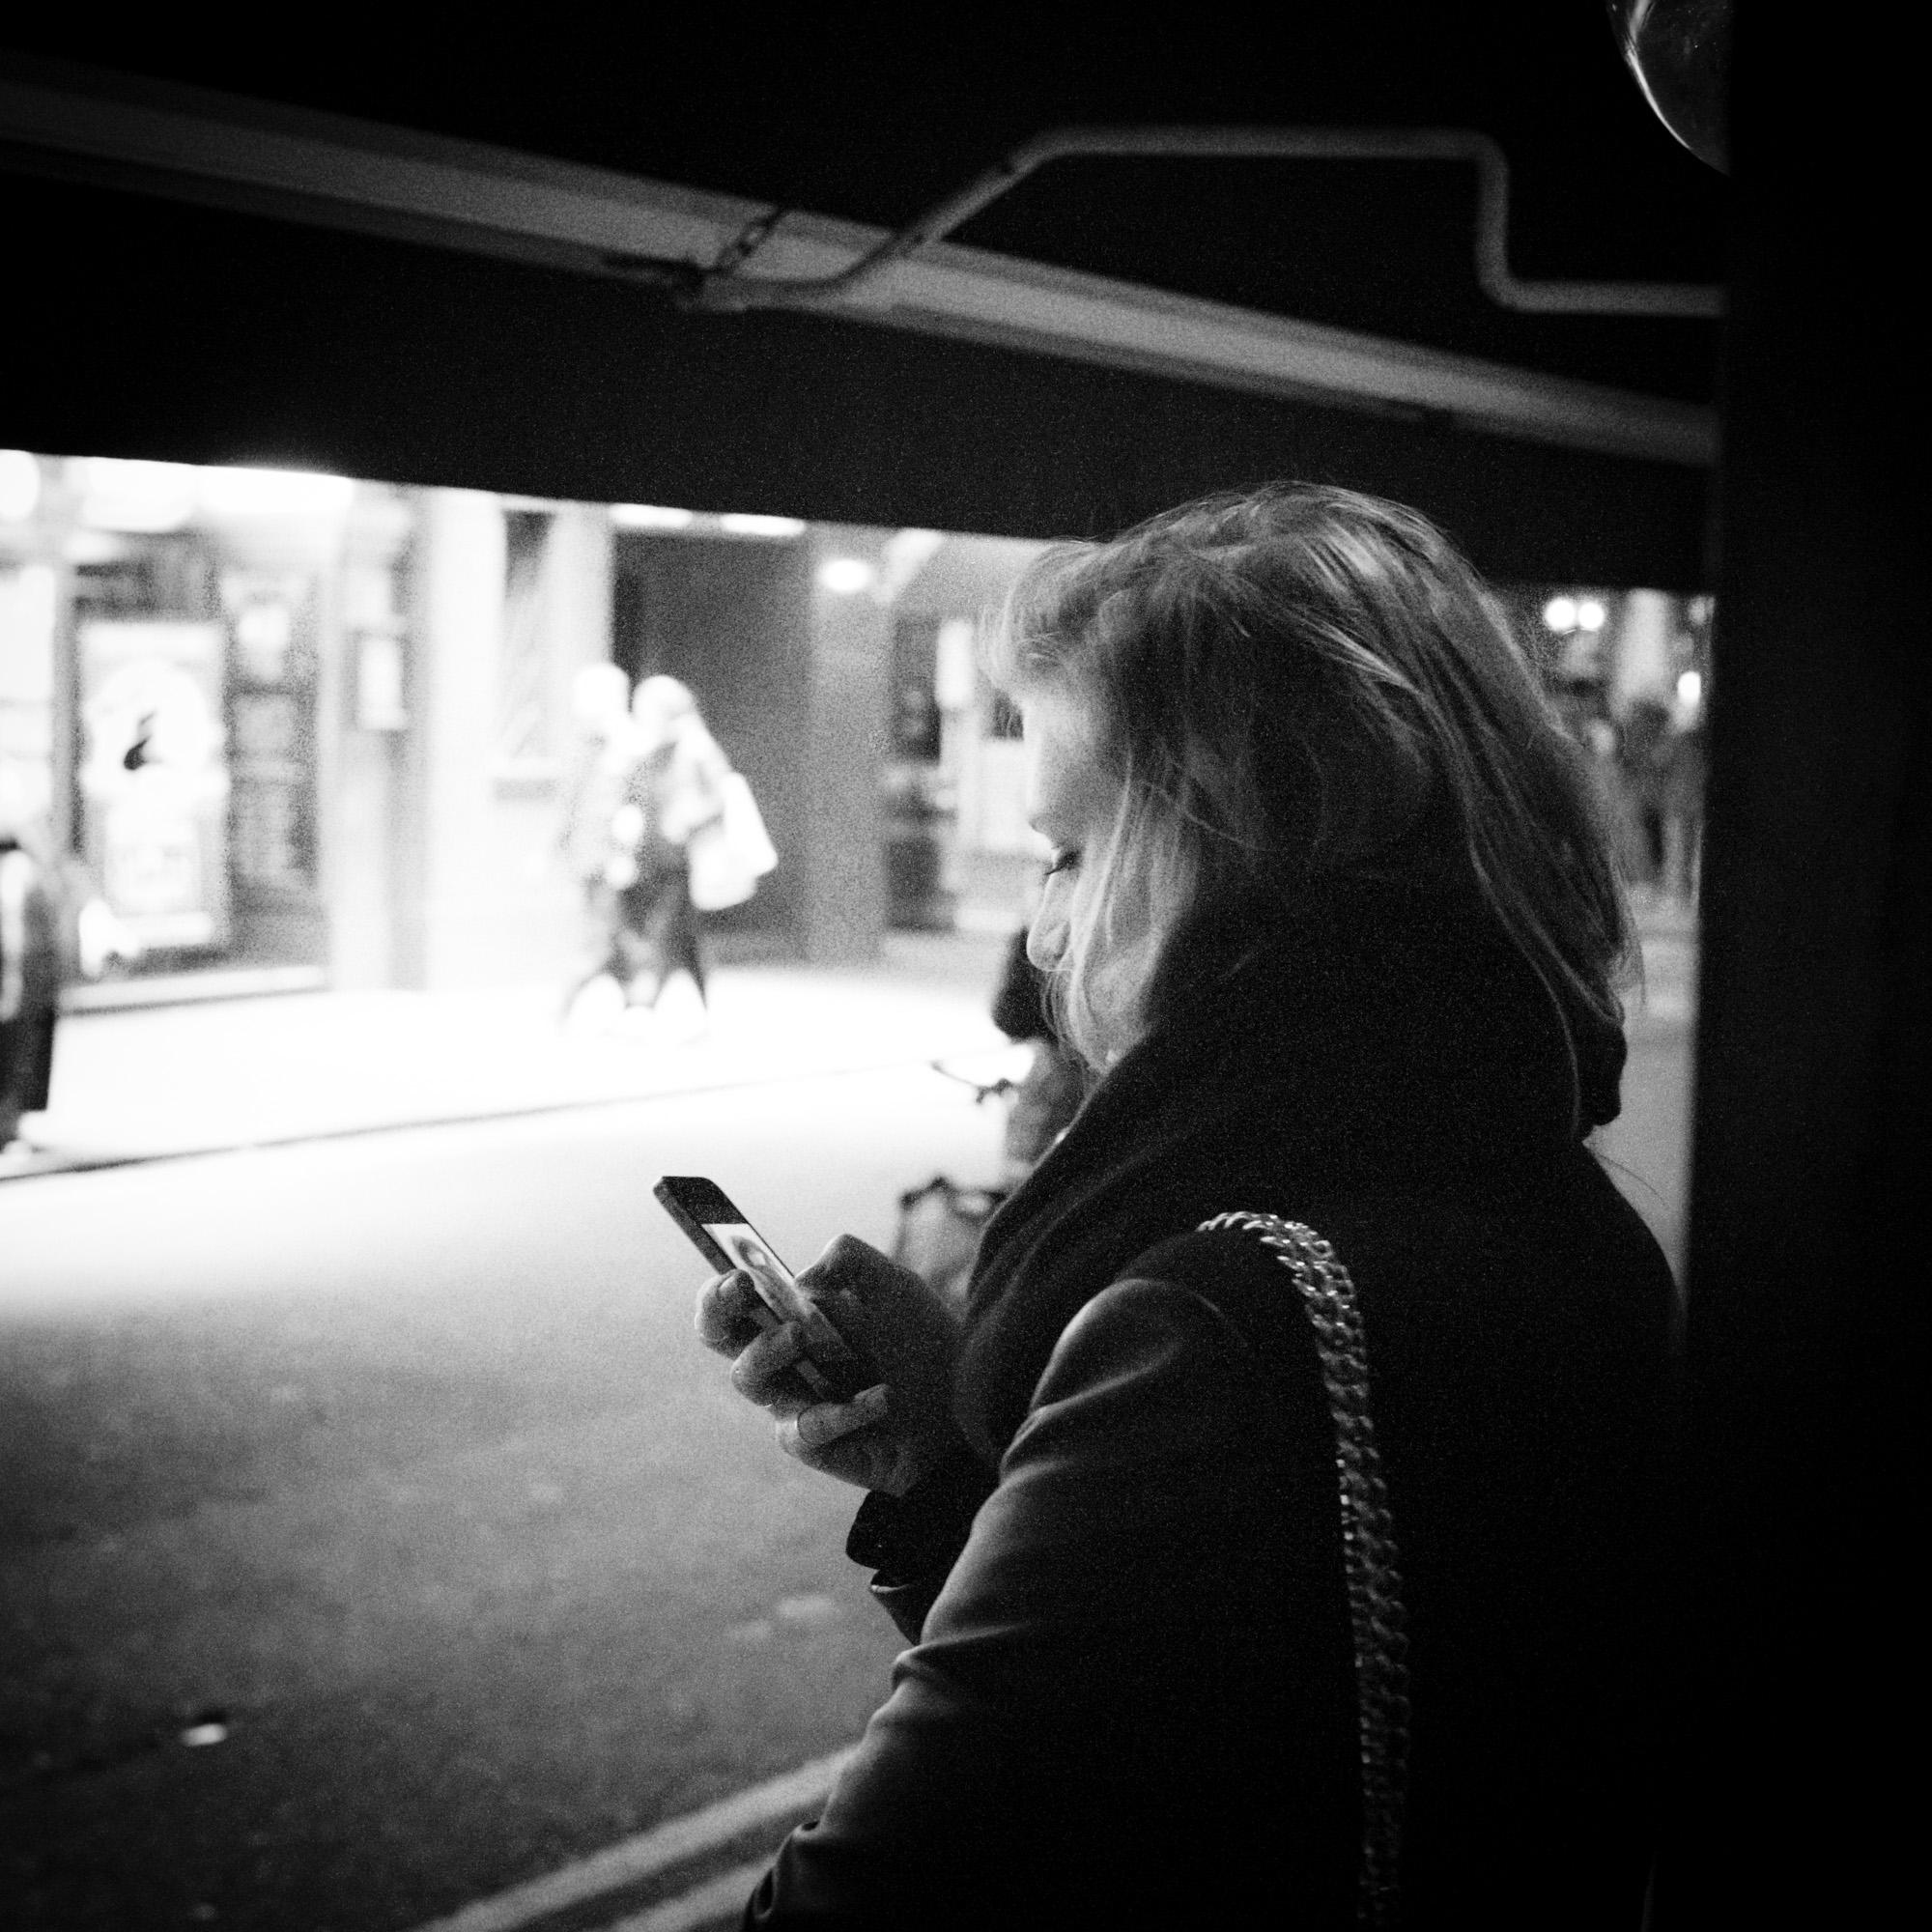 Soho_London-0002.jpg